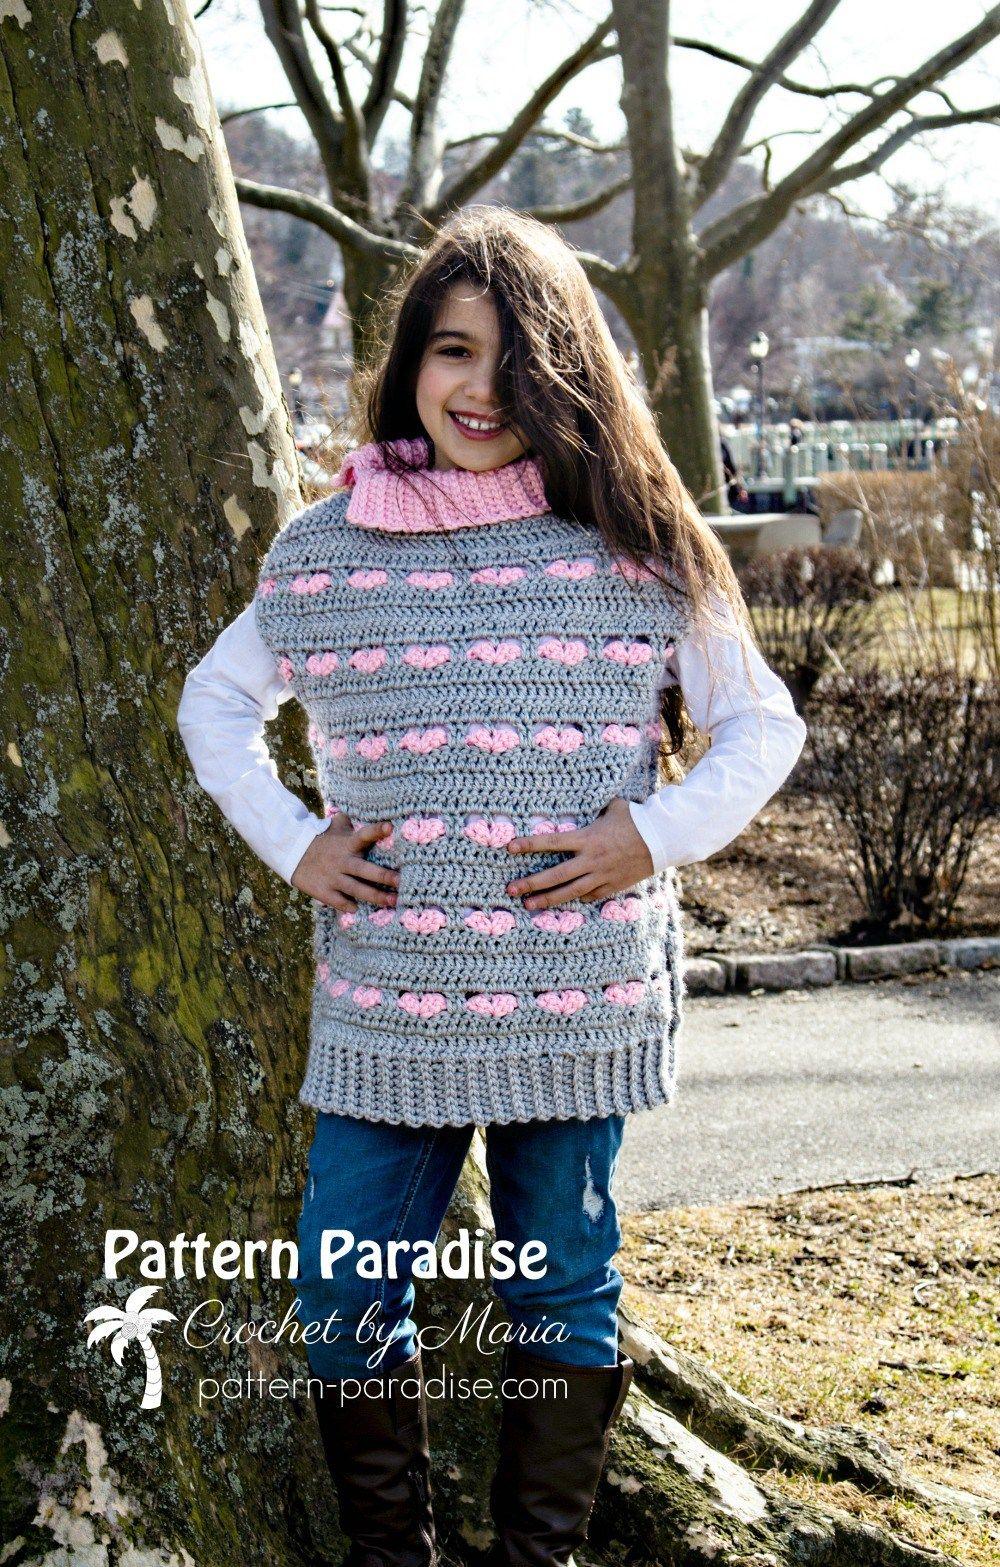 Free crochet pattern sweetheart poncho pattern paradise free crochet pattern sweetheart poncho pattern paradise fandeluxe Gallery